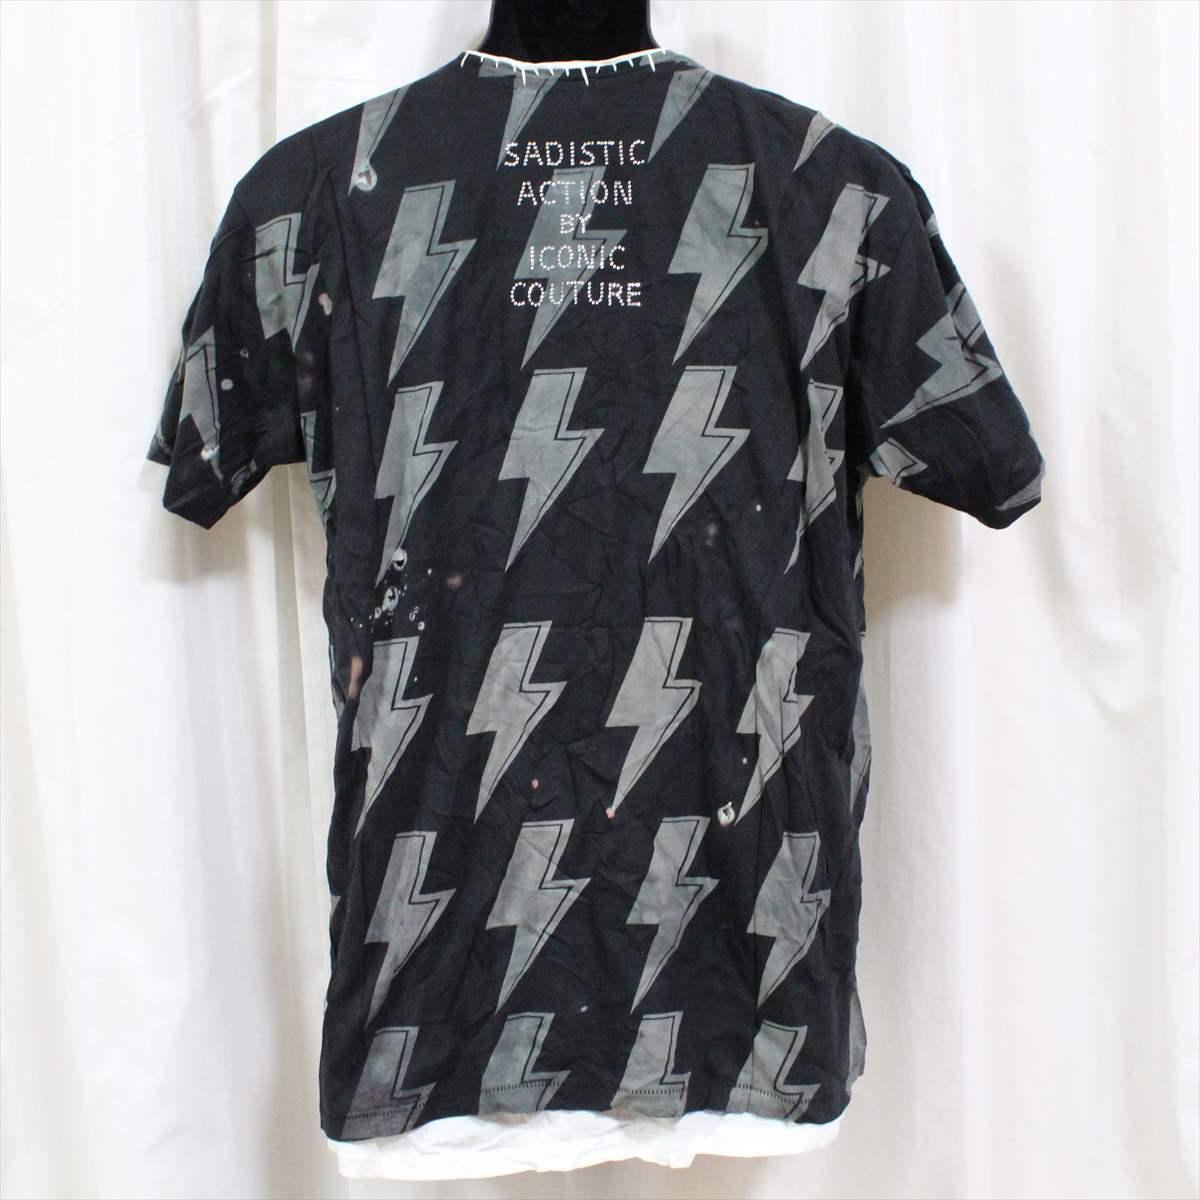 サディスティックアクション SADISTIC ACTION アイコニック ICONIC COTURE メンズ半袖Tシャツ AC/DC Sサイズ 新品_画像4